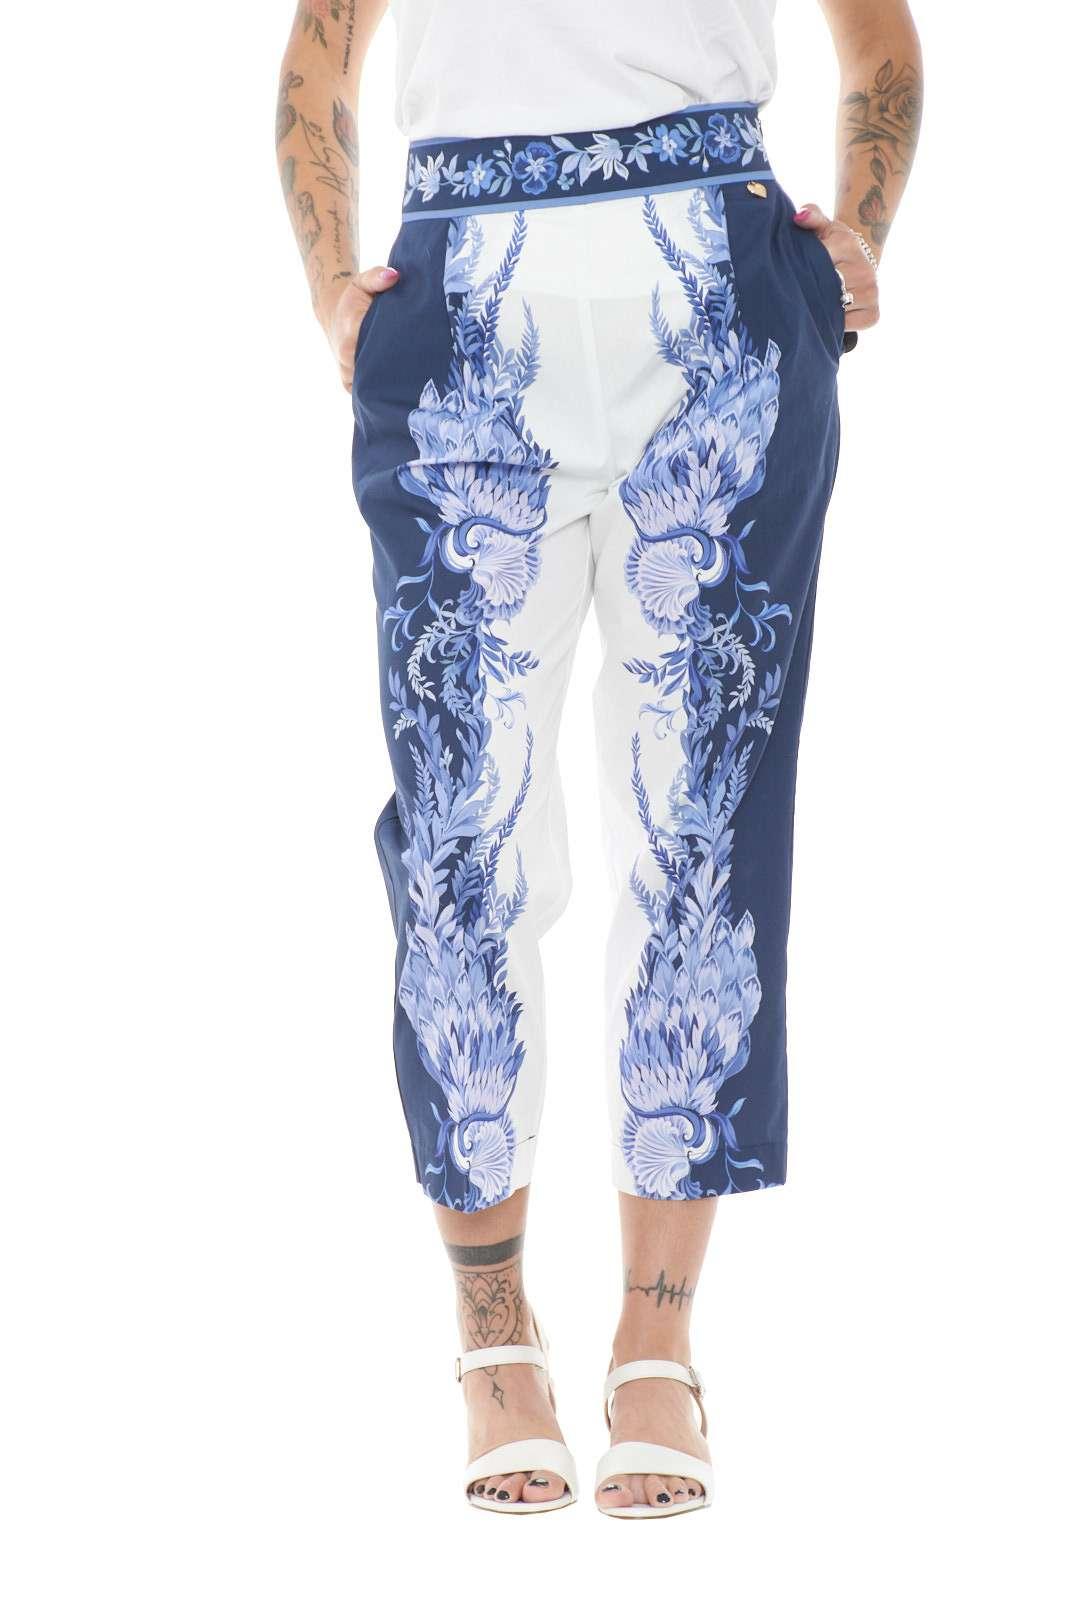 Elegante e moderno, il pantalone pensato da TwinSet per la nuova stagione Primavera Estate 2021. Impreziosita dall'esclusiva stampa piazzata del Brand, regalerà stile ad ogni abbinamento, dalle t shirt alle bluse, per outfit sempre all'avanguardia.